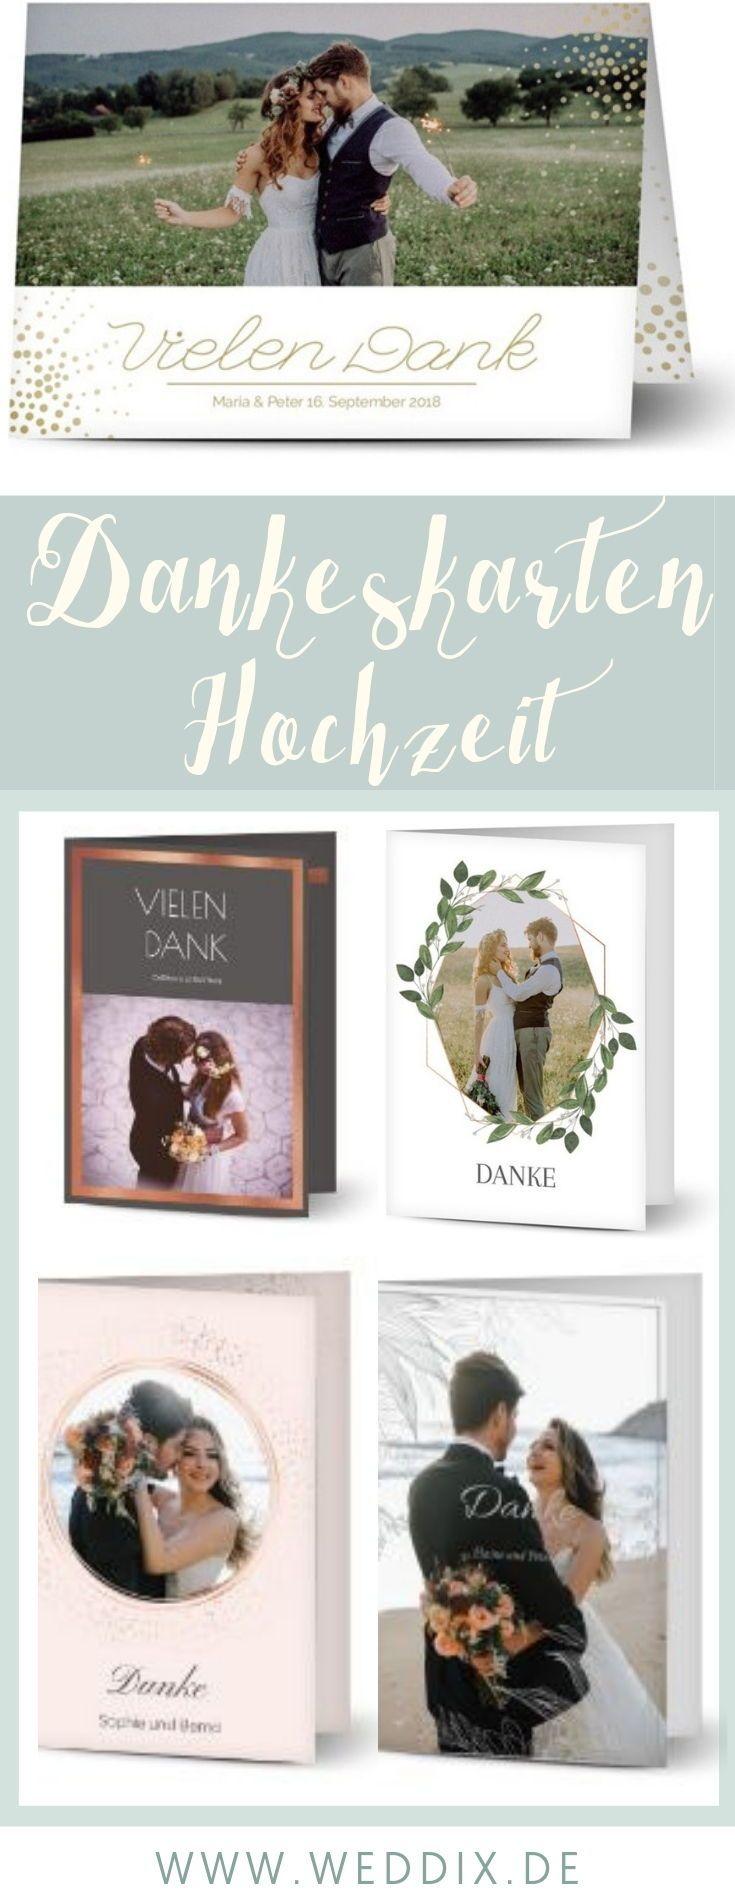 Nach Einem Traumhaften Hochzeitsfest Stilvoll Danke Sagen Wunderschone Dankeskarten Eigenes Foto Hochladen Und T Hochzeit Hochzeitscheckliste Hochzeit Shop